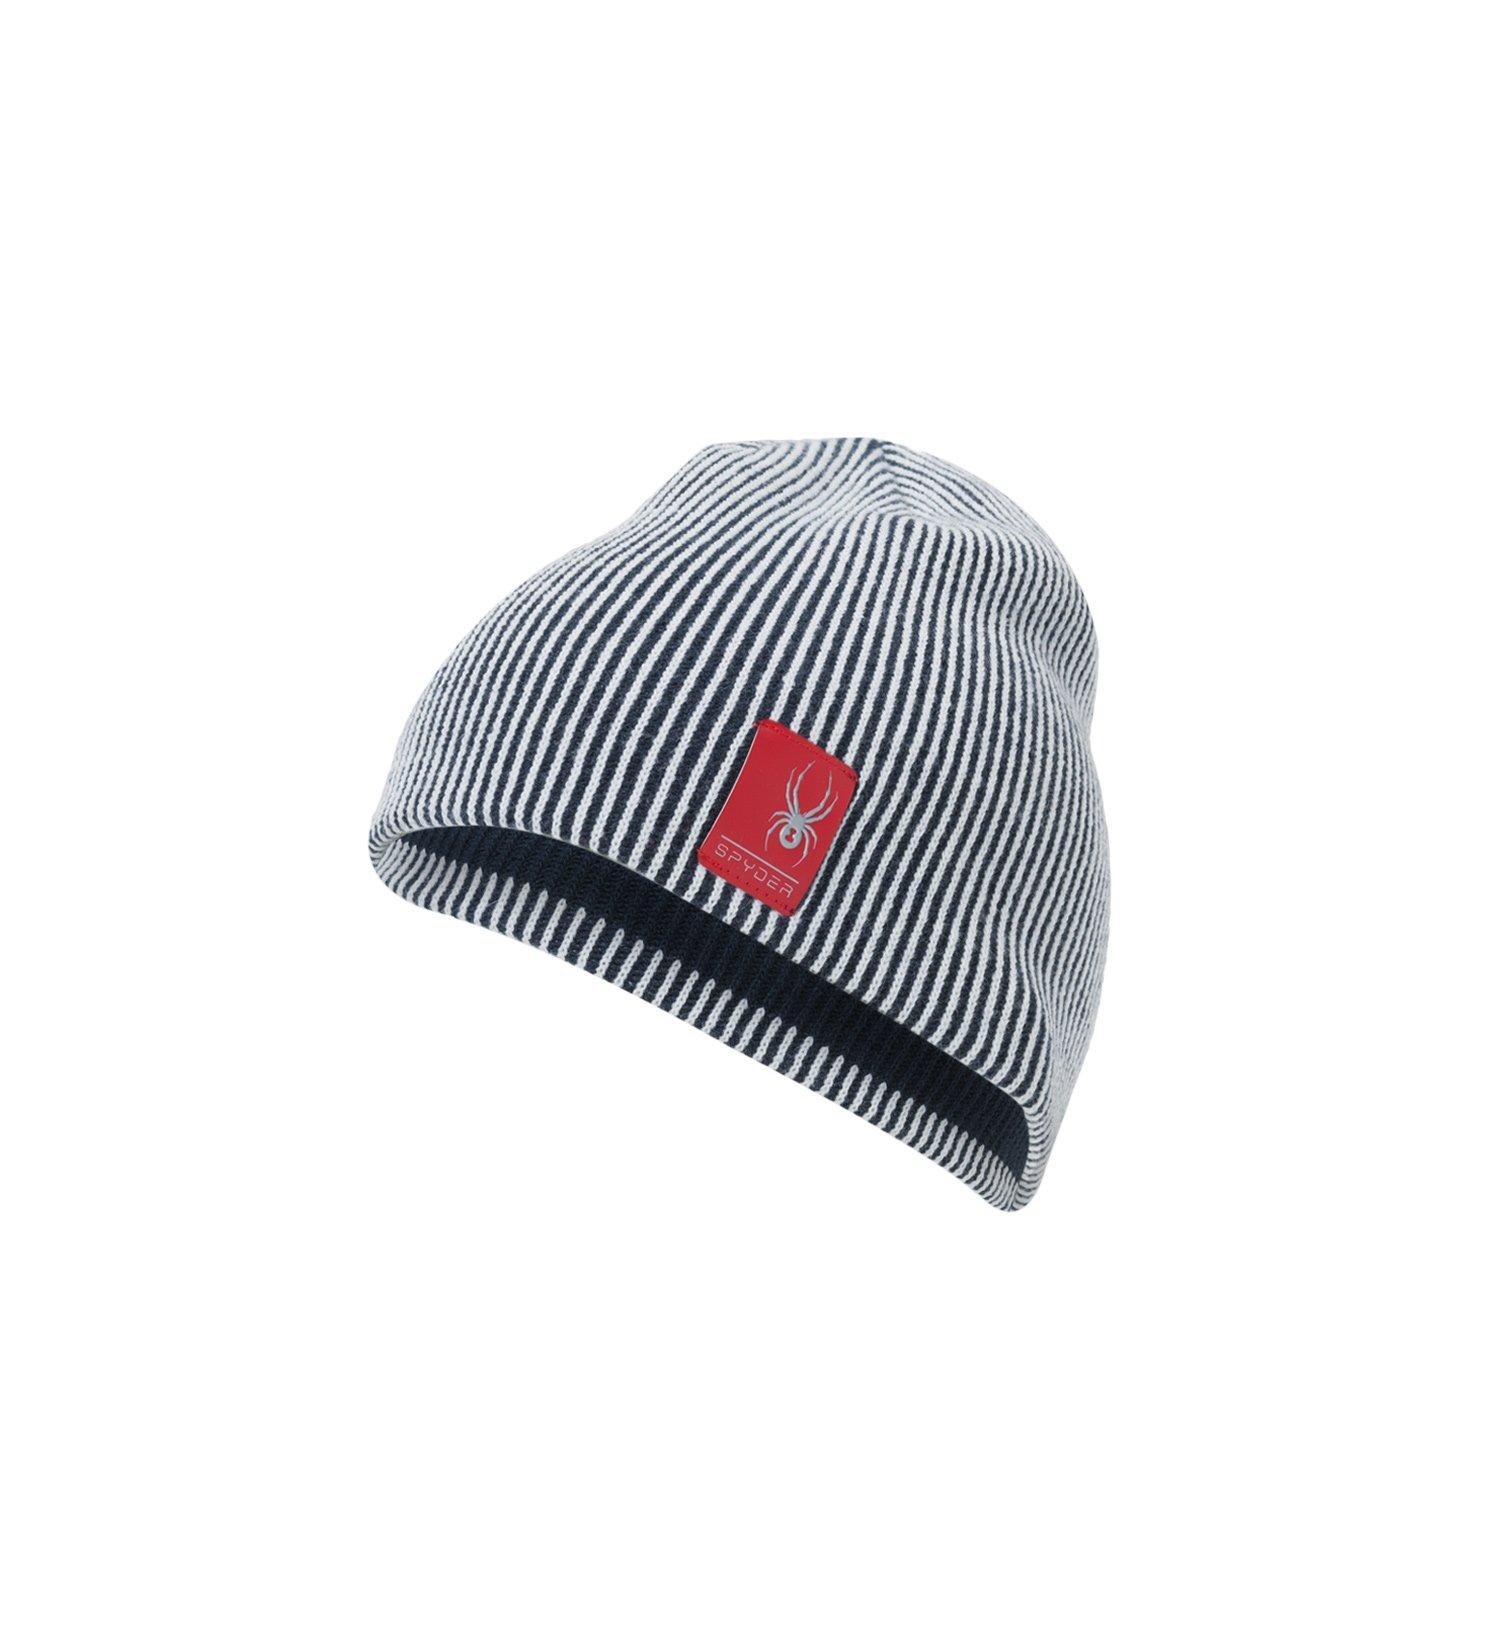 Spyder Mayhem Hat